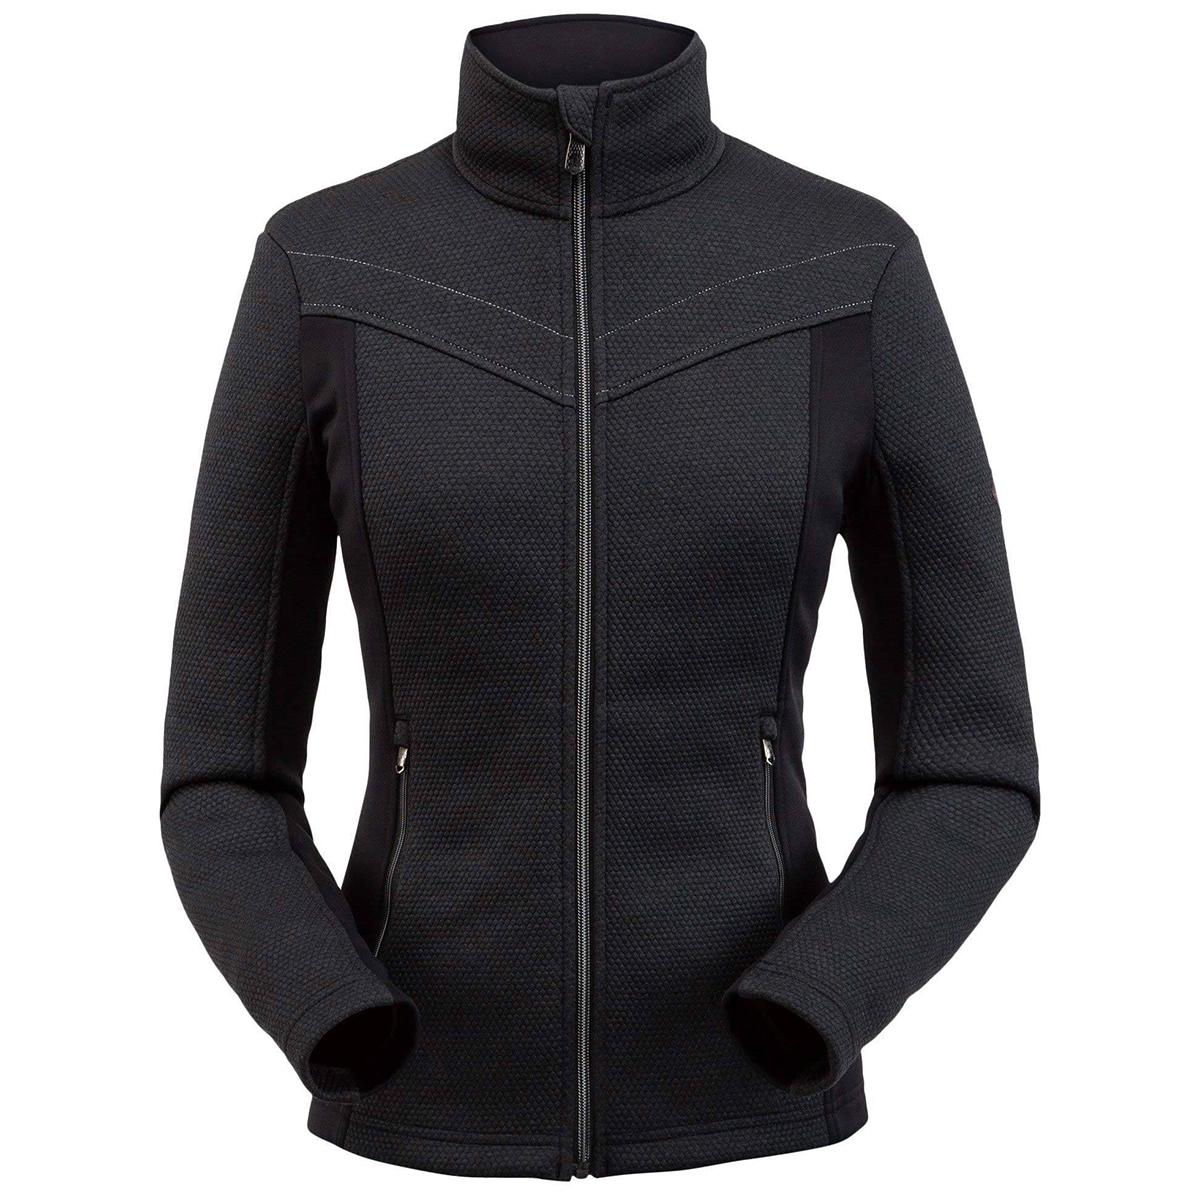 Spyder Women's Encore Full Zip Fleece Jacket - Black, S